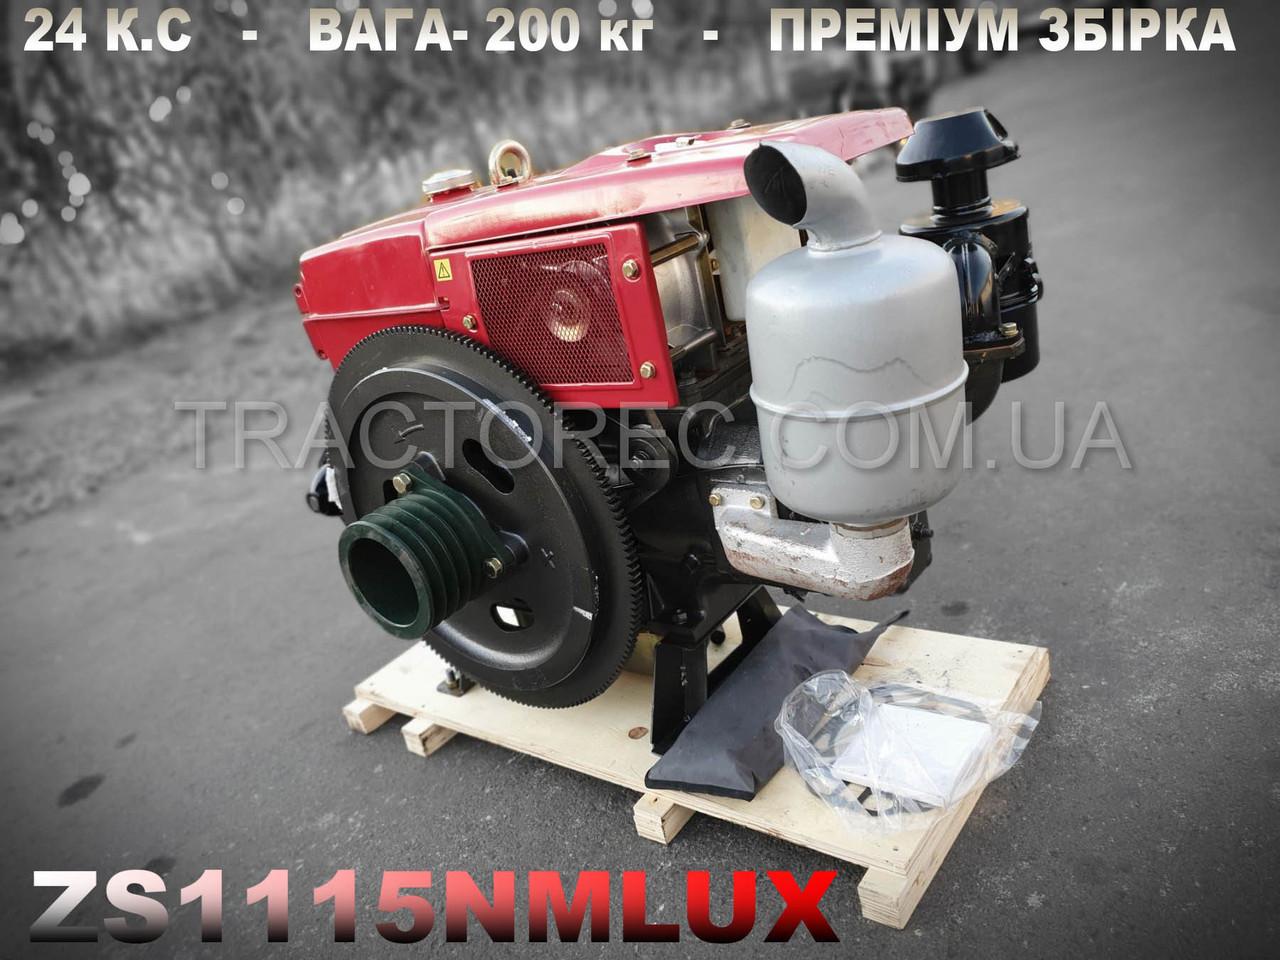 Дизельный двигатель ДМТЗ ZS1115NM увеличенной мощности 24 л.с! Водяное охлаждение, надежный, экономичный